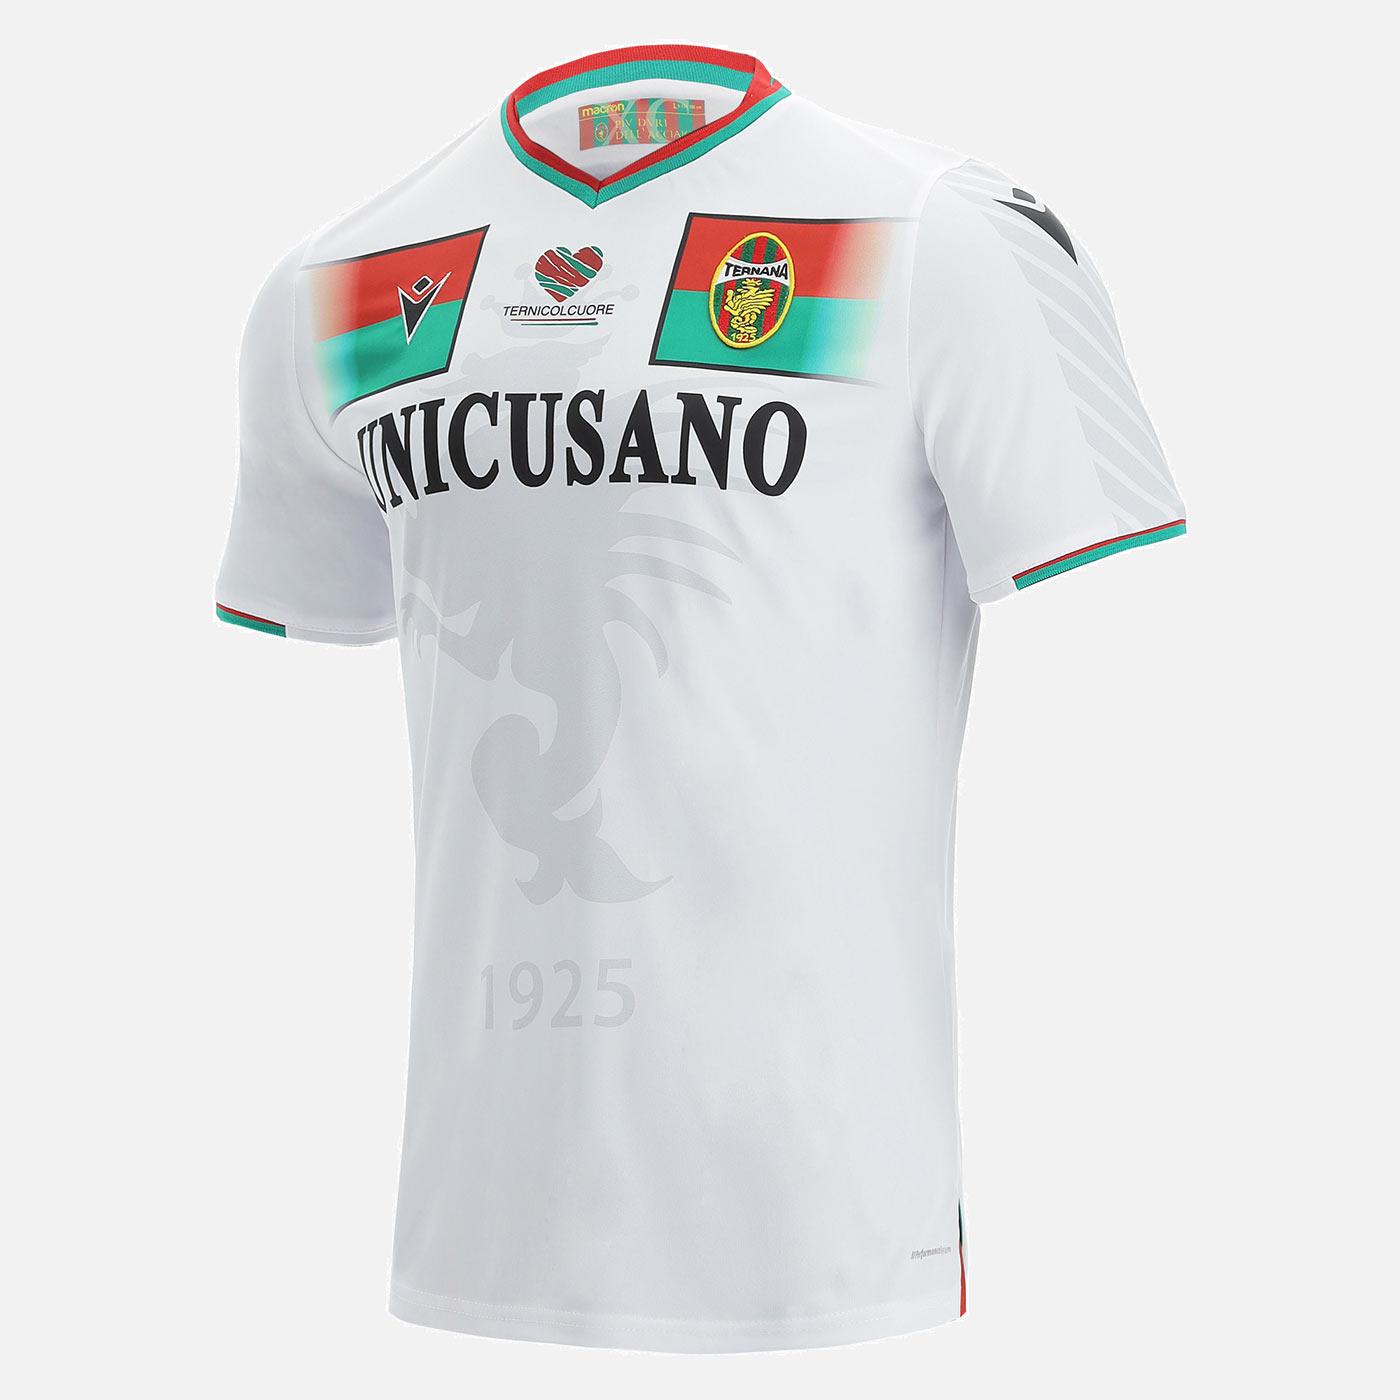 Seconda maglia Ternana bianca 2021-2022